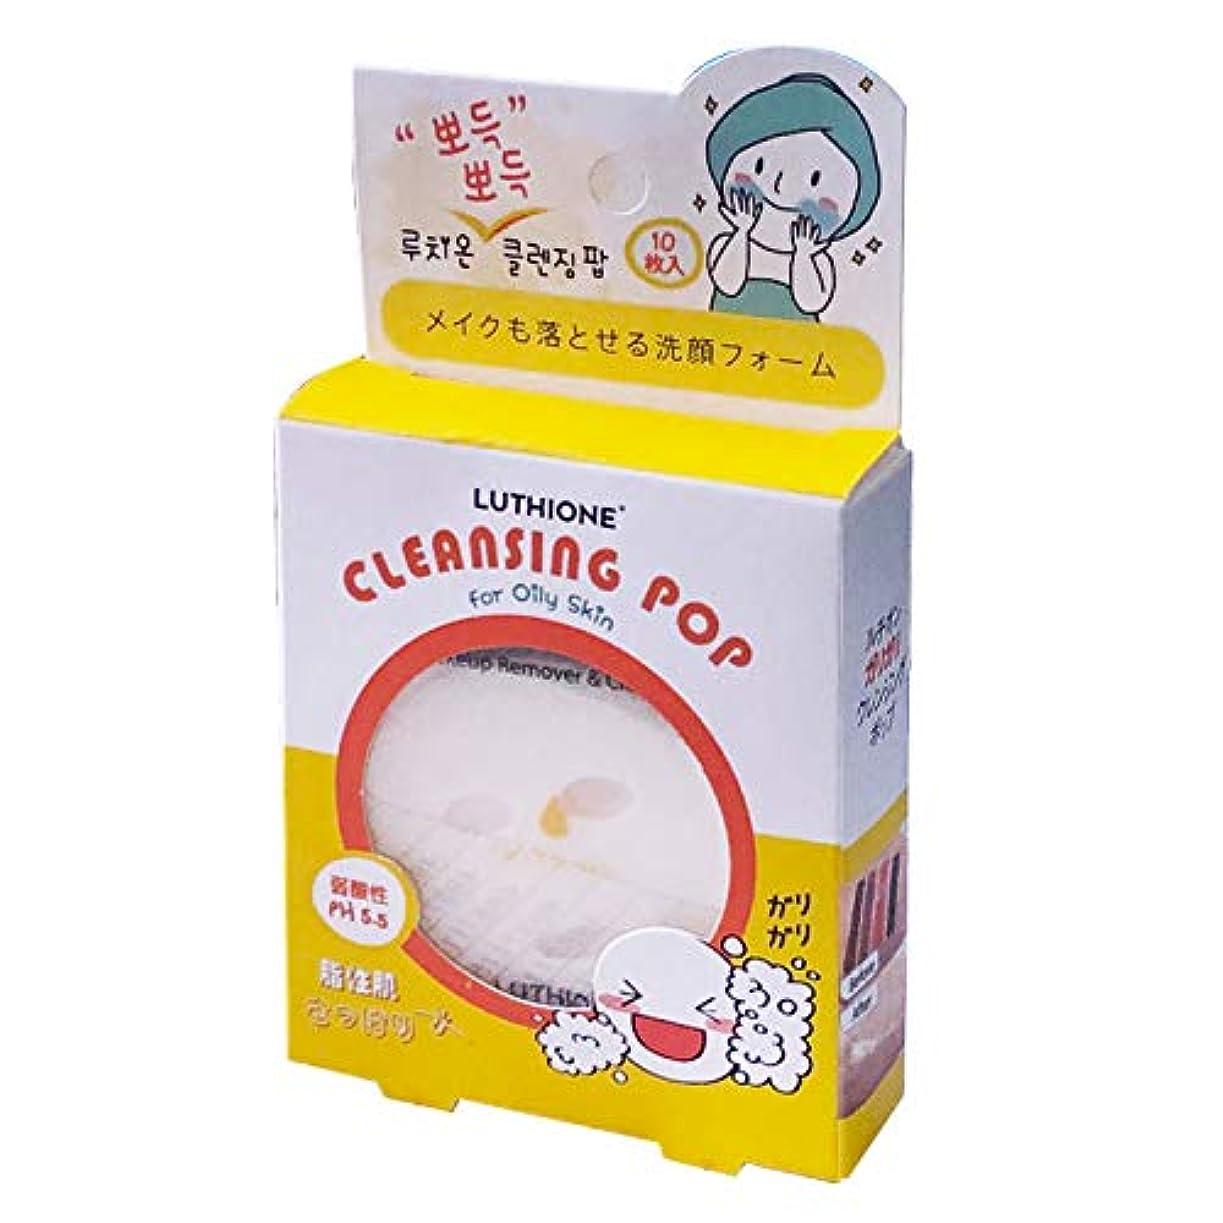 ヒューバートハドソン起点承認【まとめ買い】ルチオン クレンジングポップ (LUTHIONE CLEANSING POP) 脂性肌 10枚入り ×6個